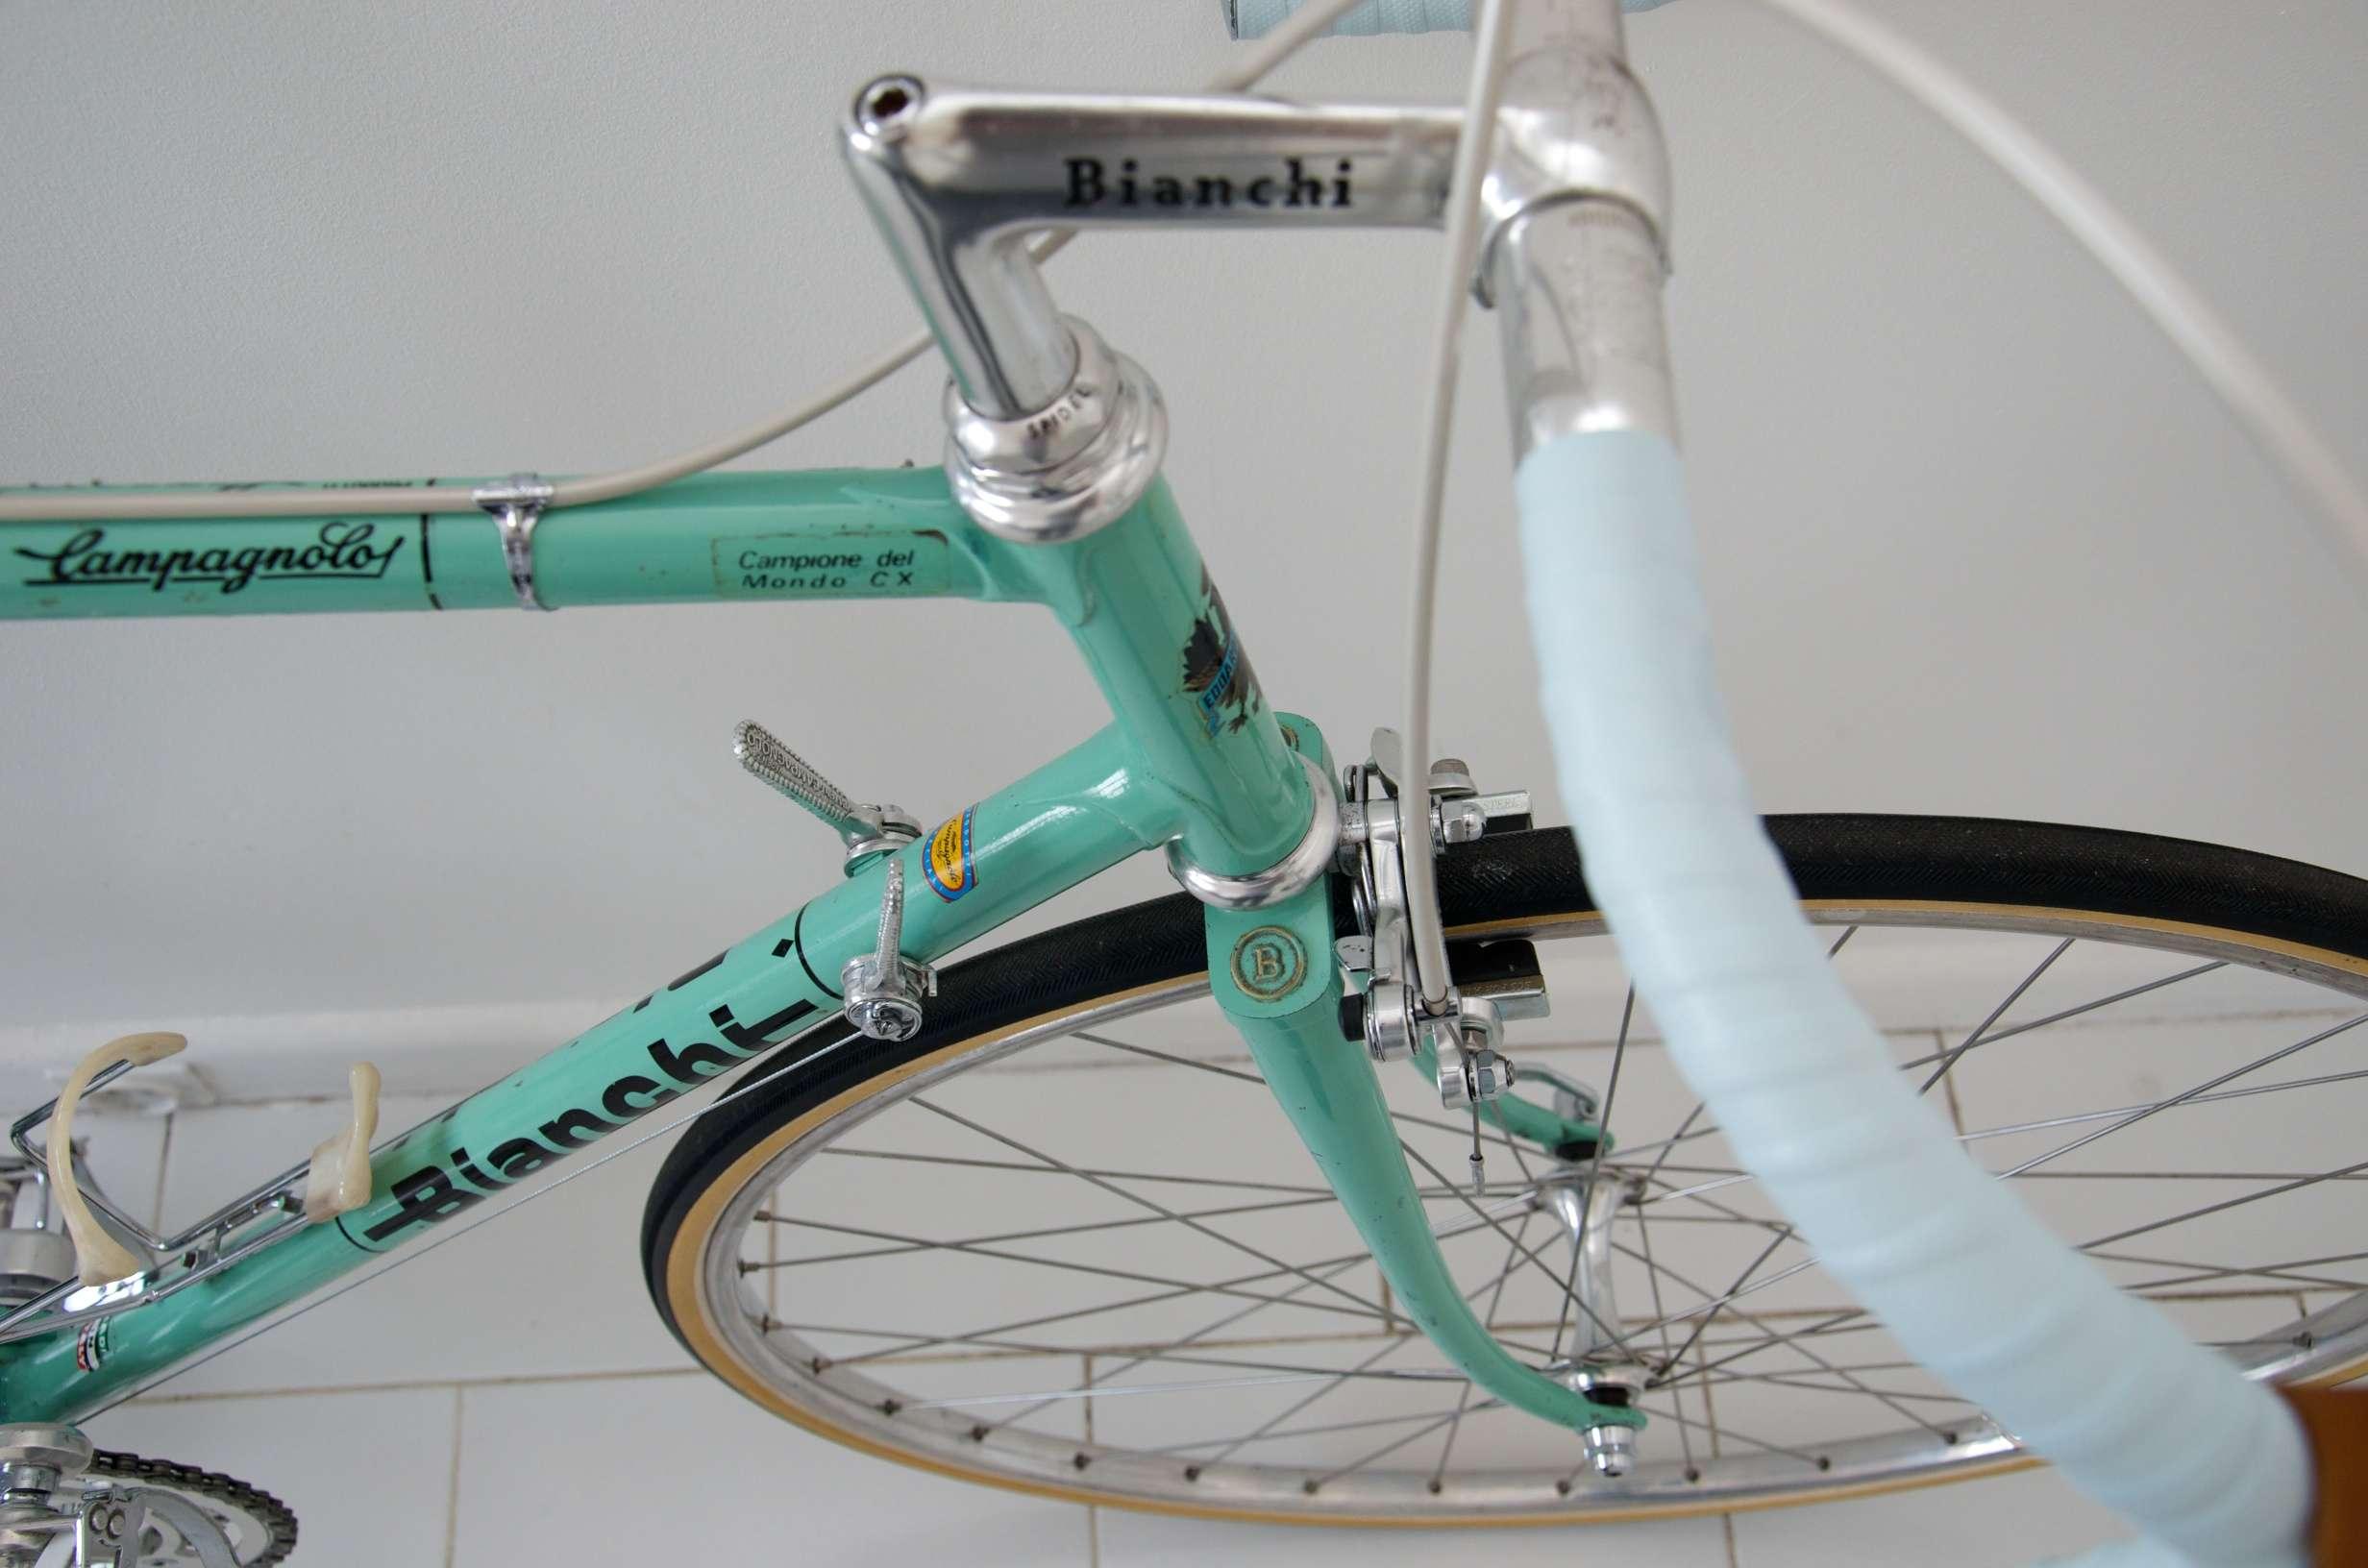 Bianchi Campione del Mondo CX Dsc_4923